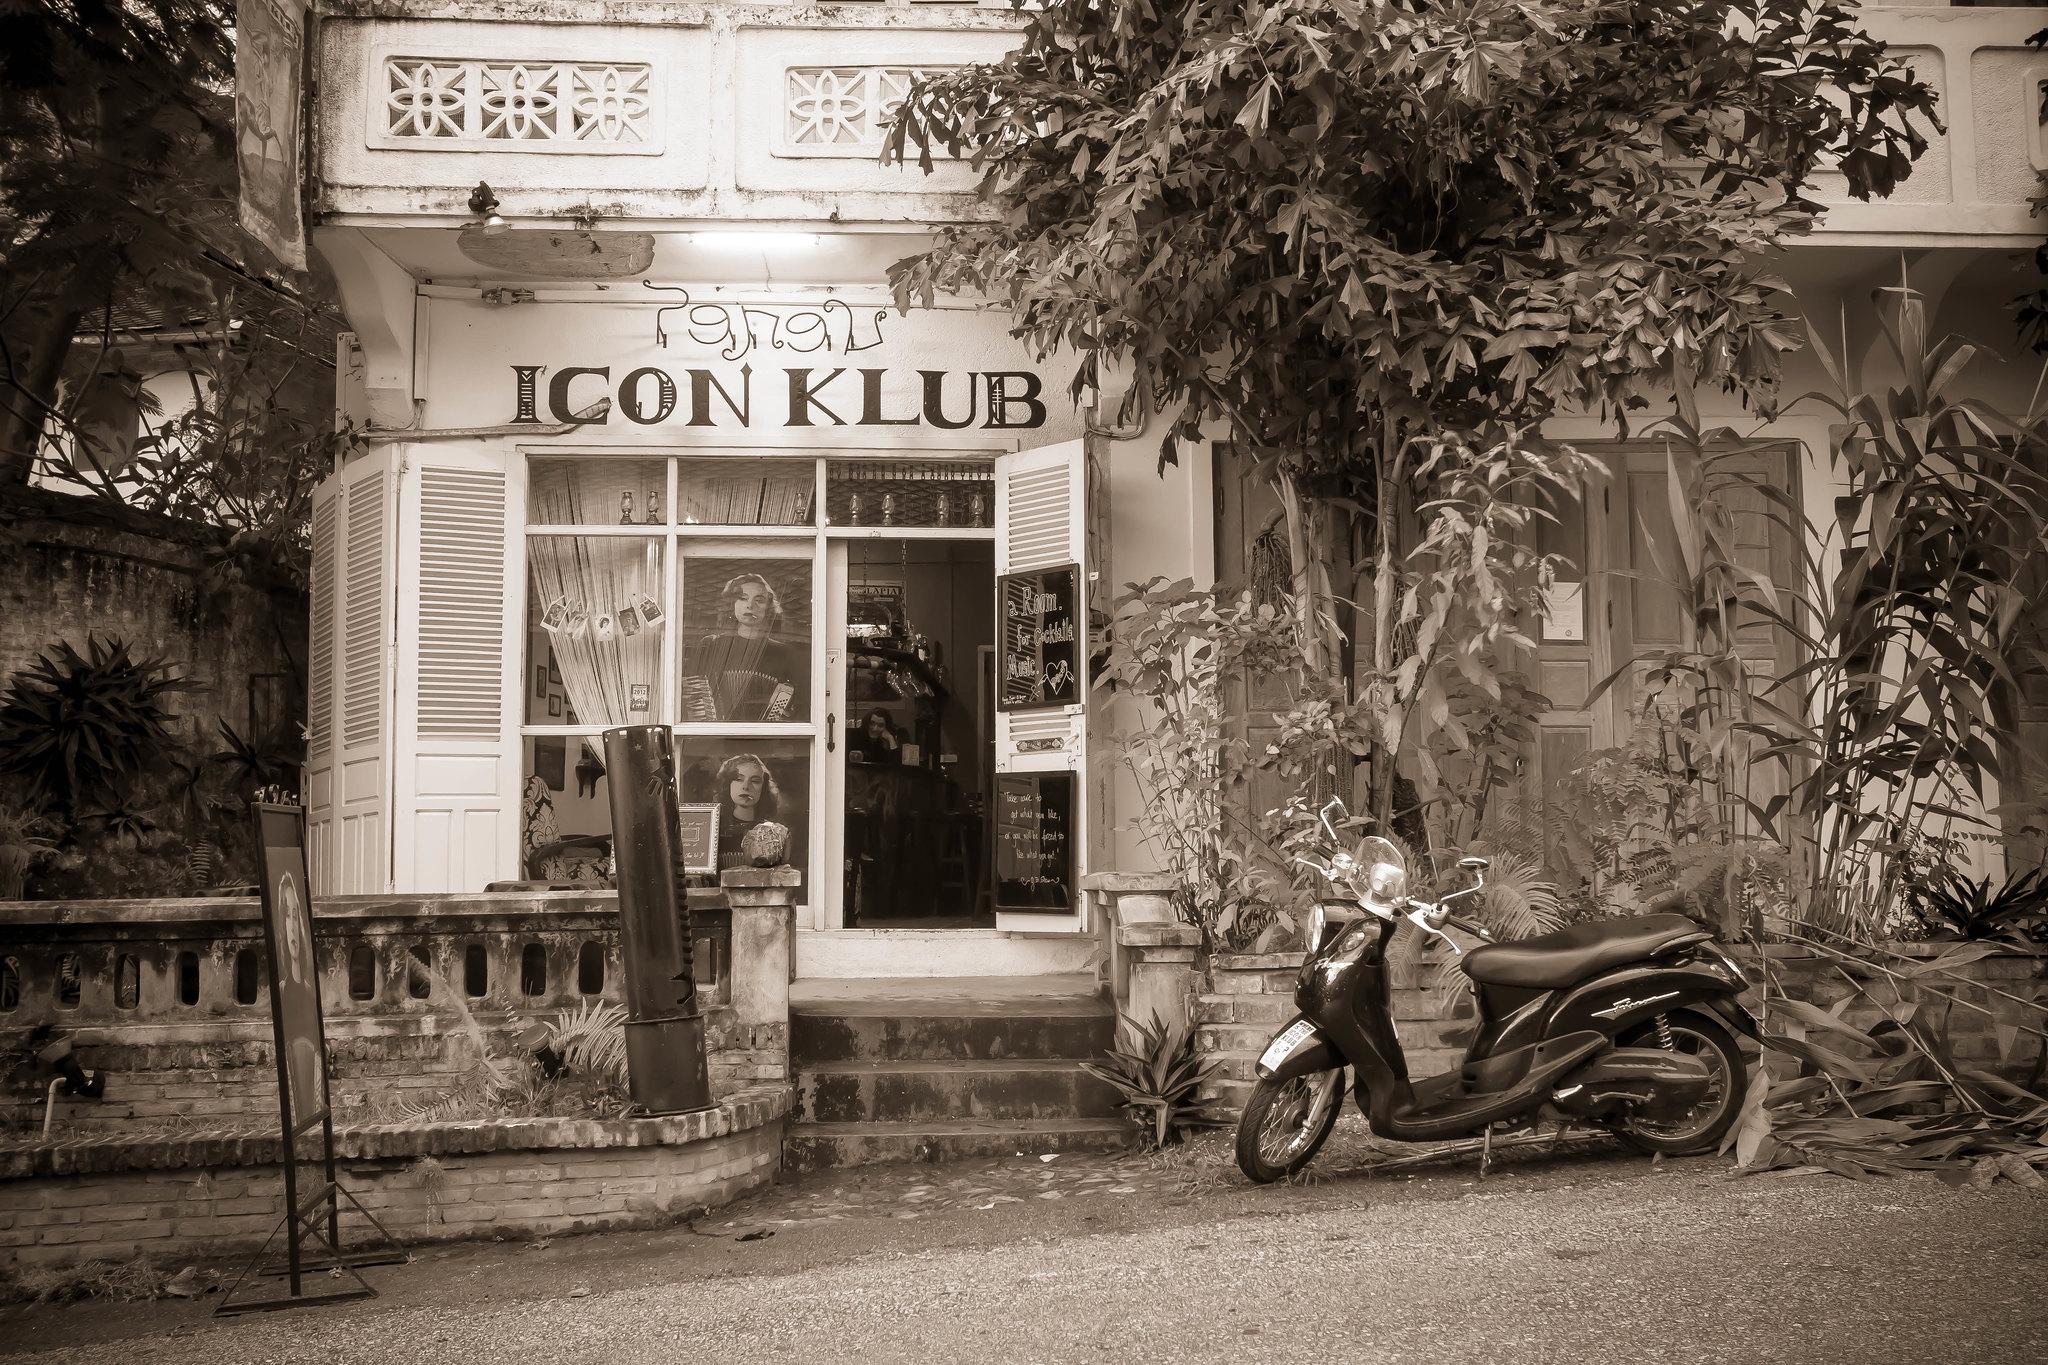 Icon klub